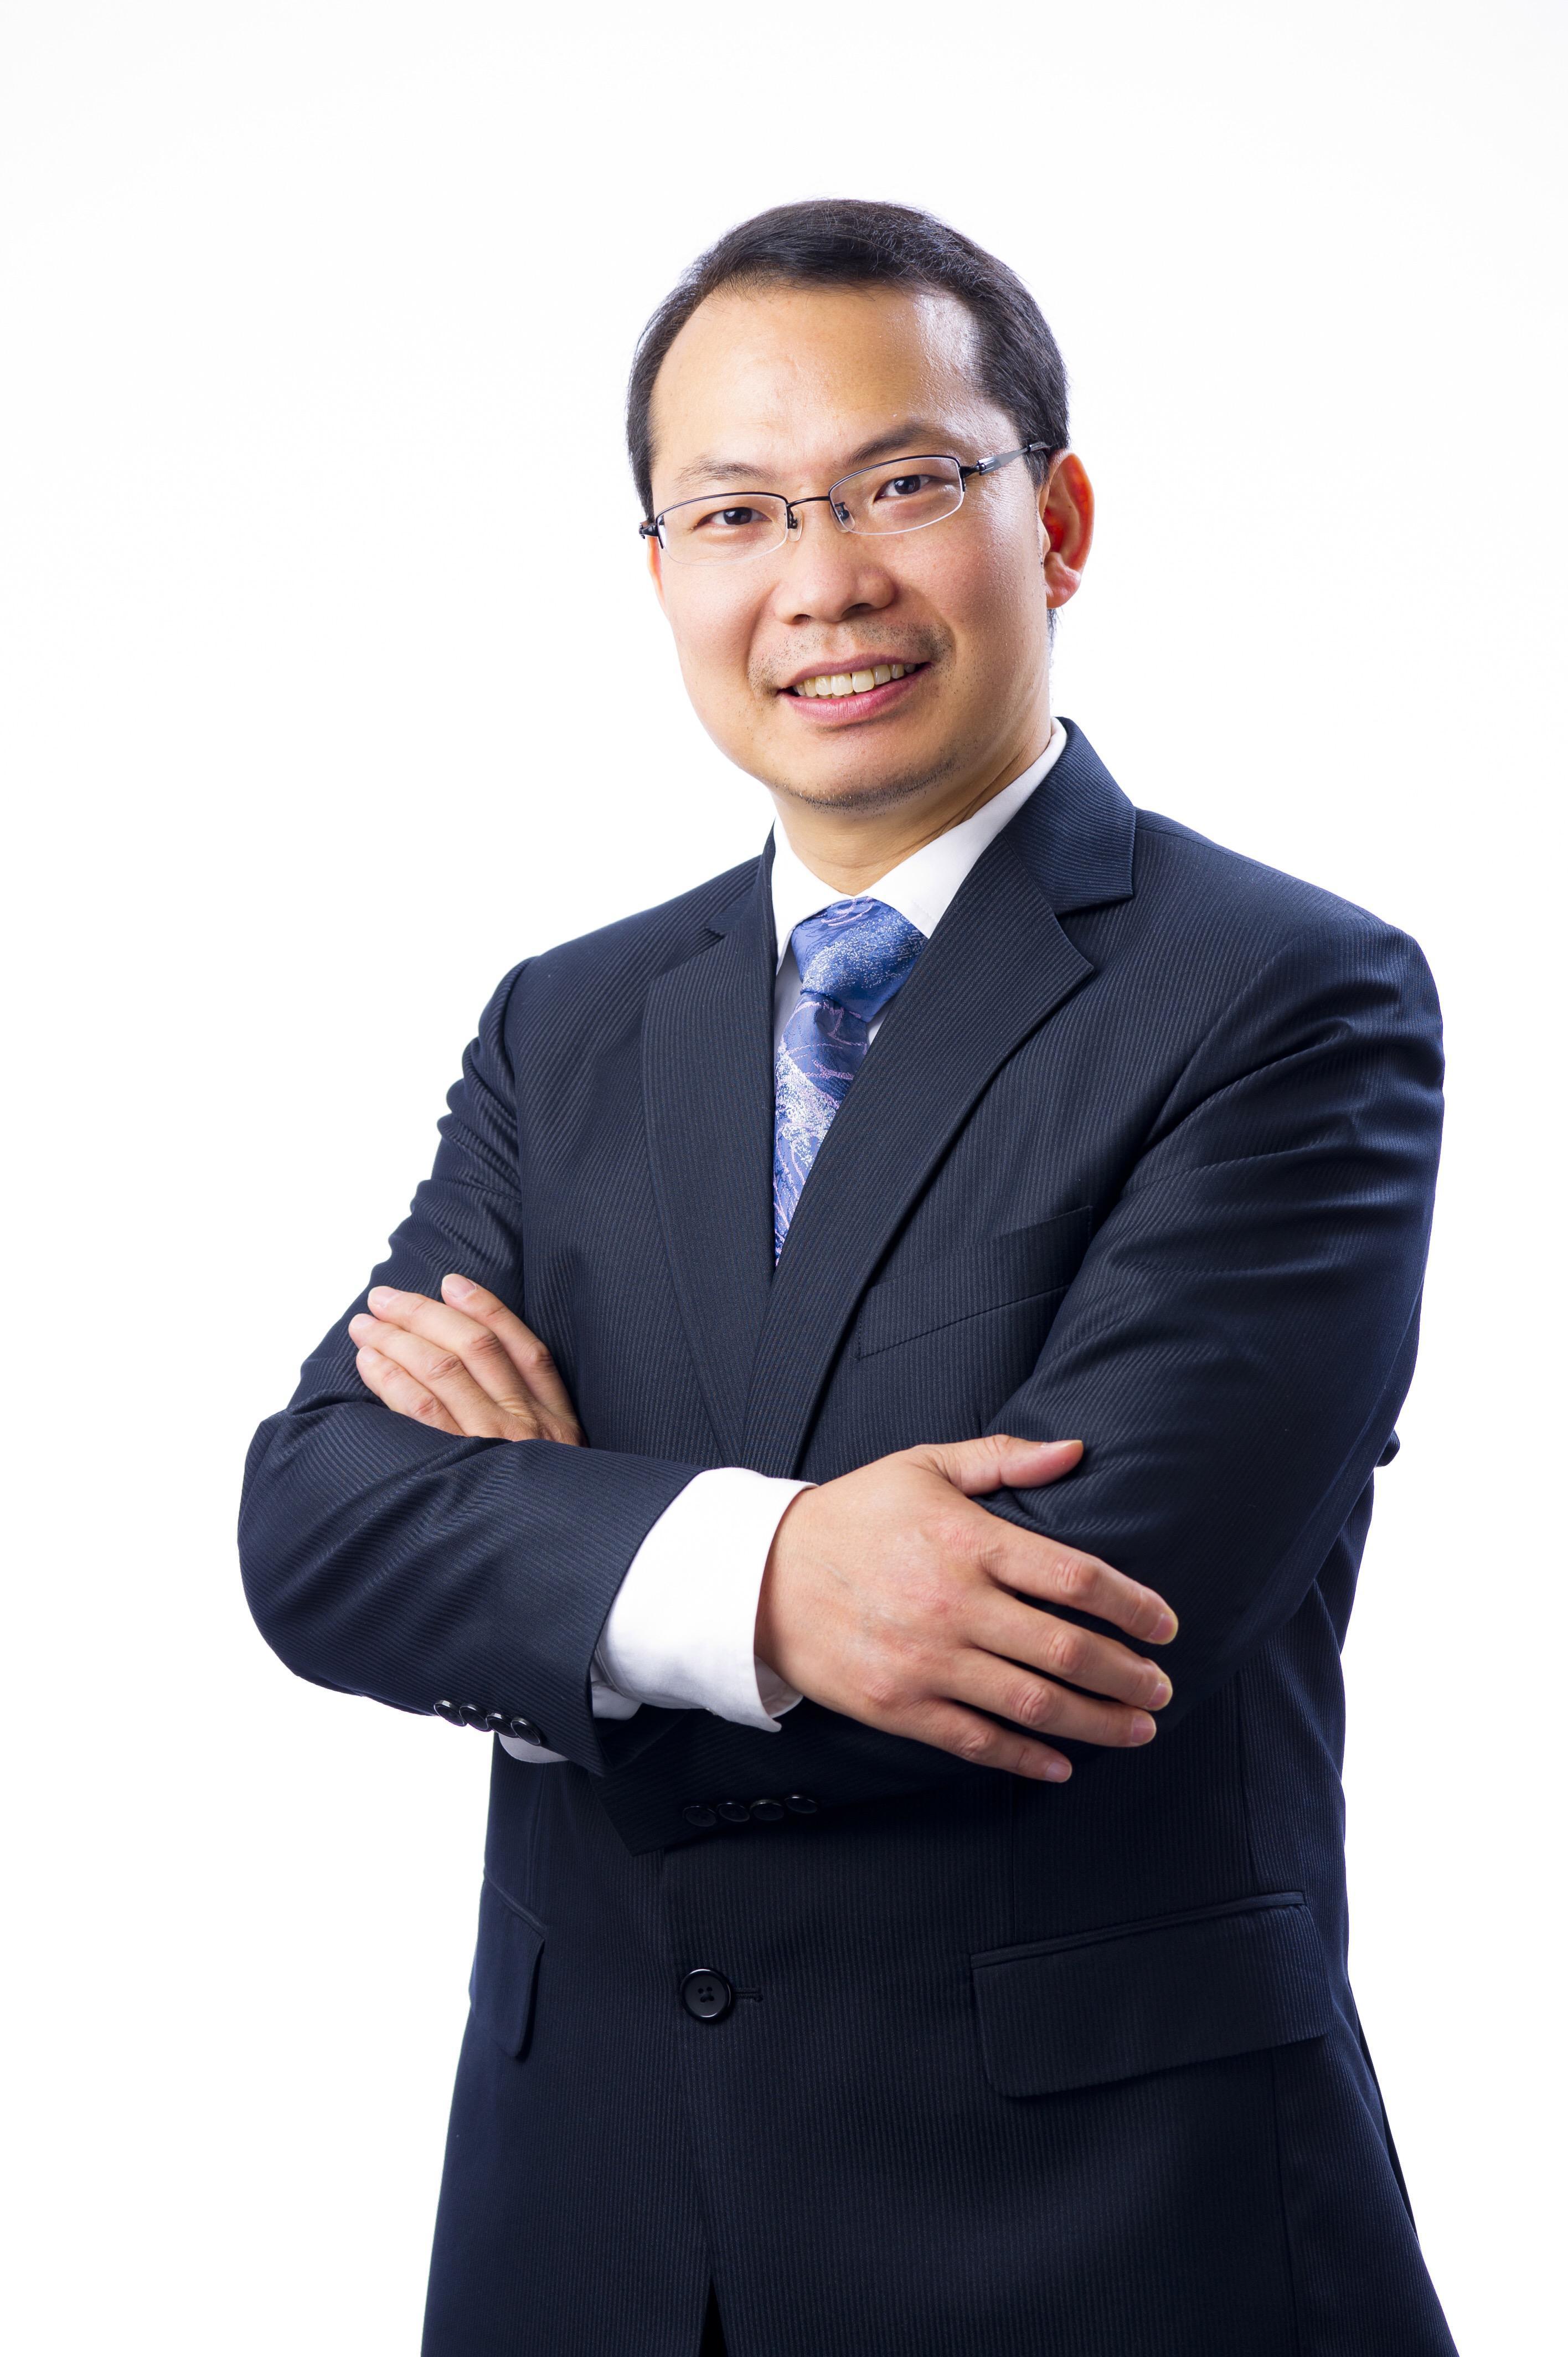 香港城市大学商学院市场营销学系助理教授陈立文照片